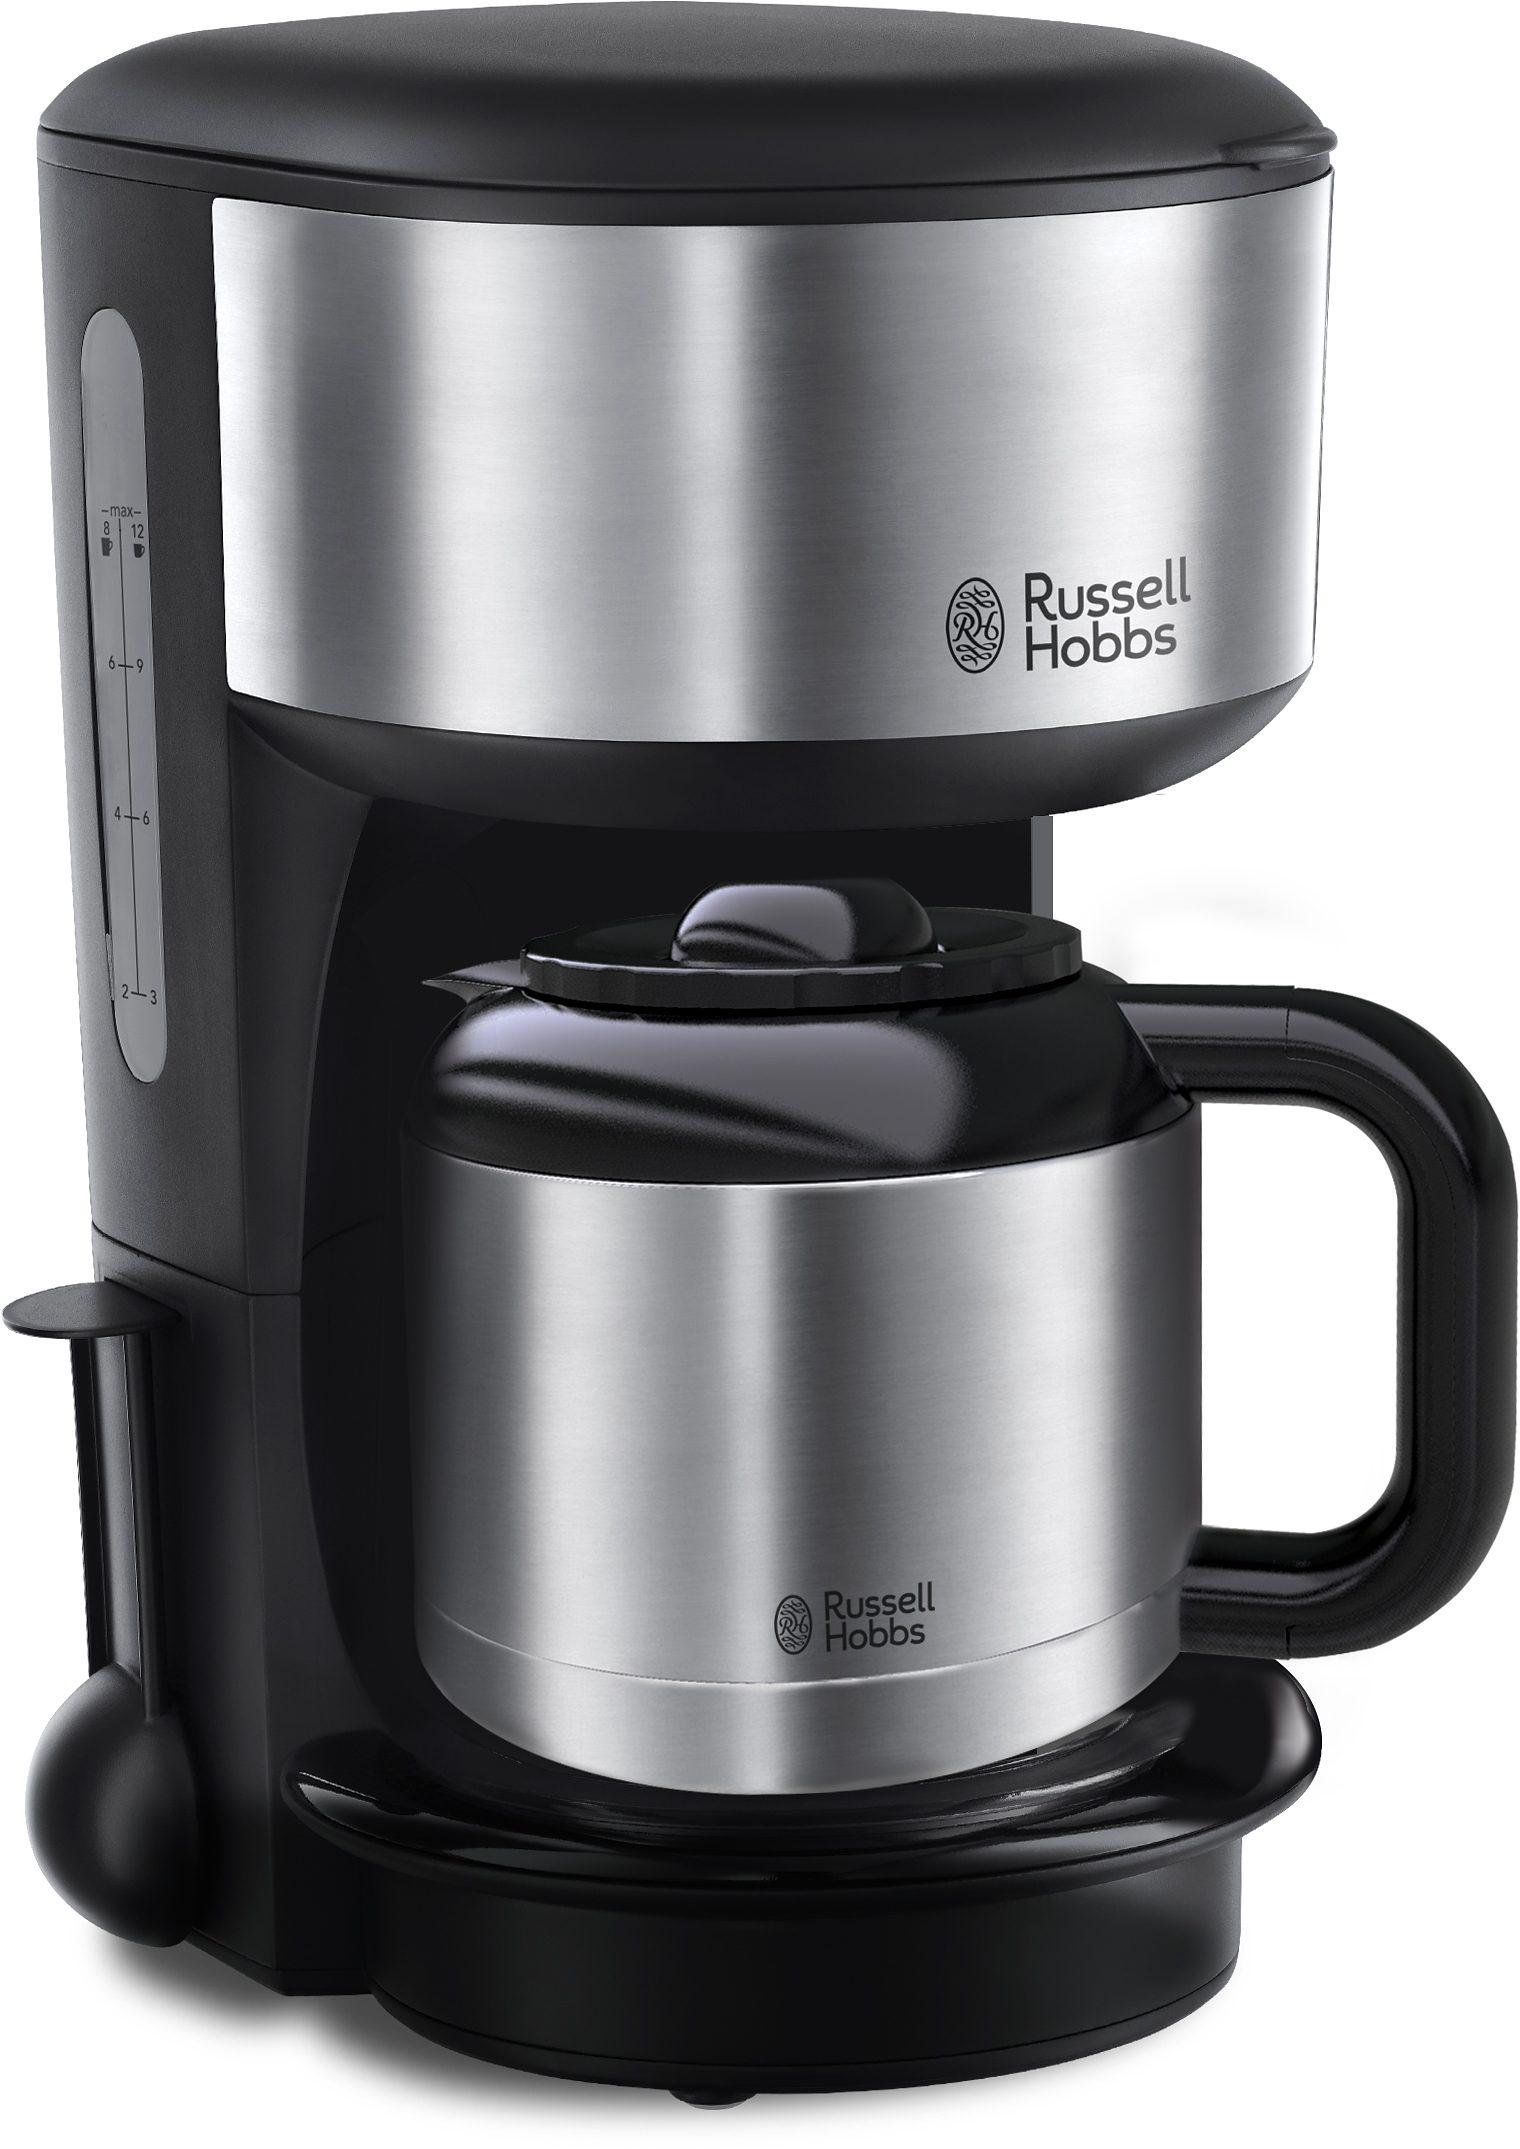 Russell Hobbs Thermo-Kaffeemaschine »Oxford« 20140-56, schwarz/silber